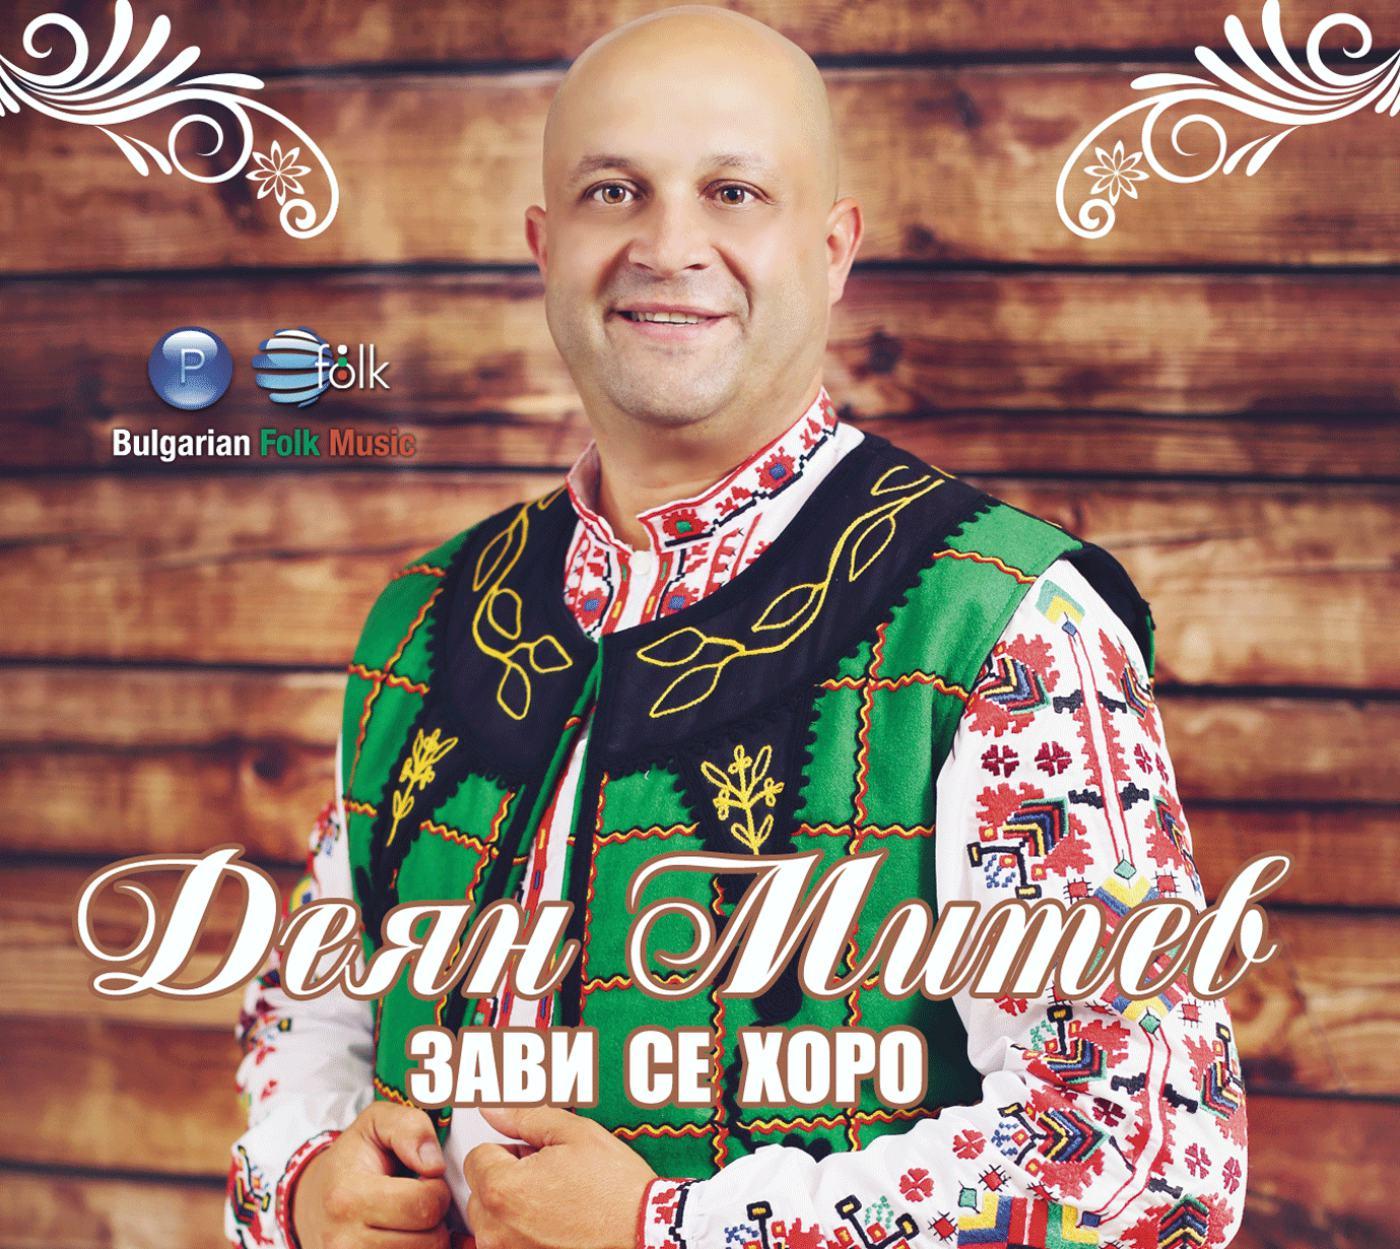 """Деян Митев представи албума """"Зави се хоро"""""""